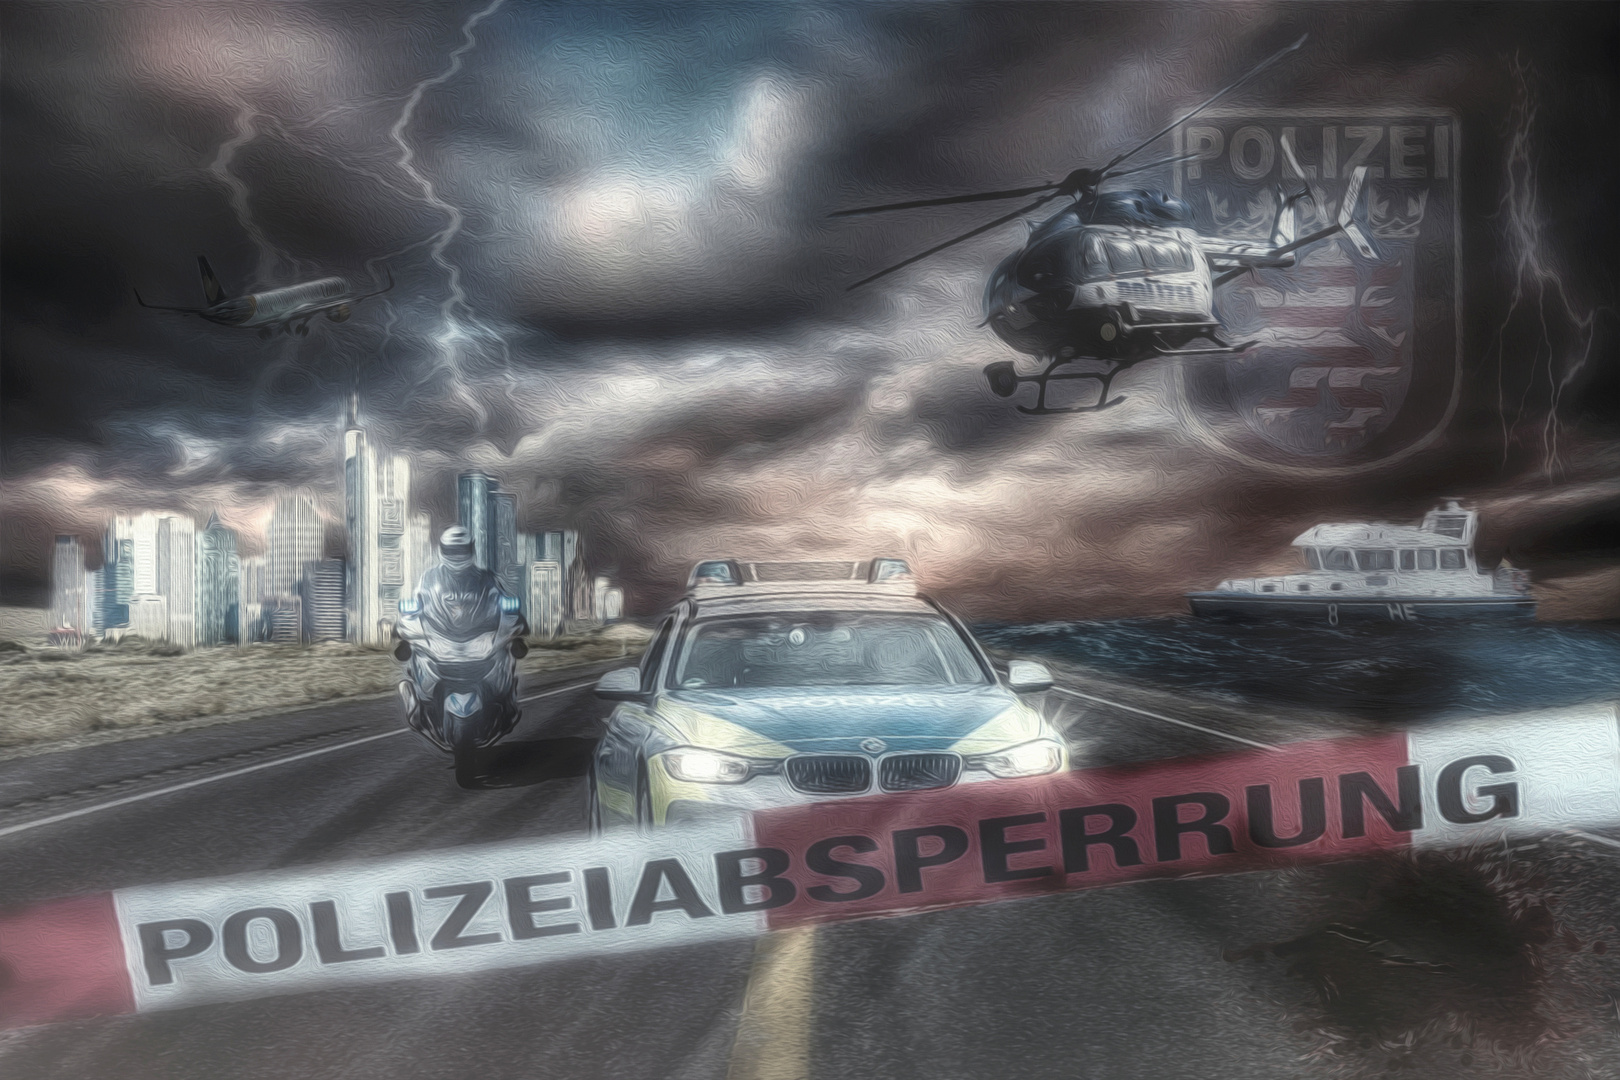 POLIZEI HESSEN/FRANKFURT